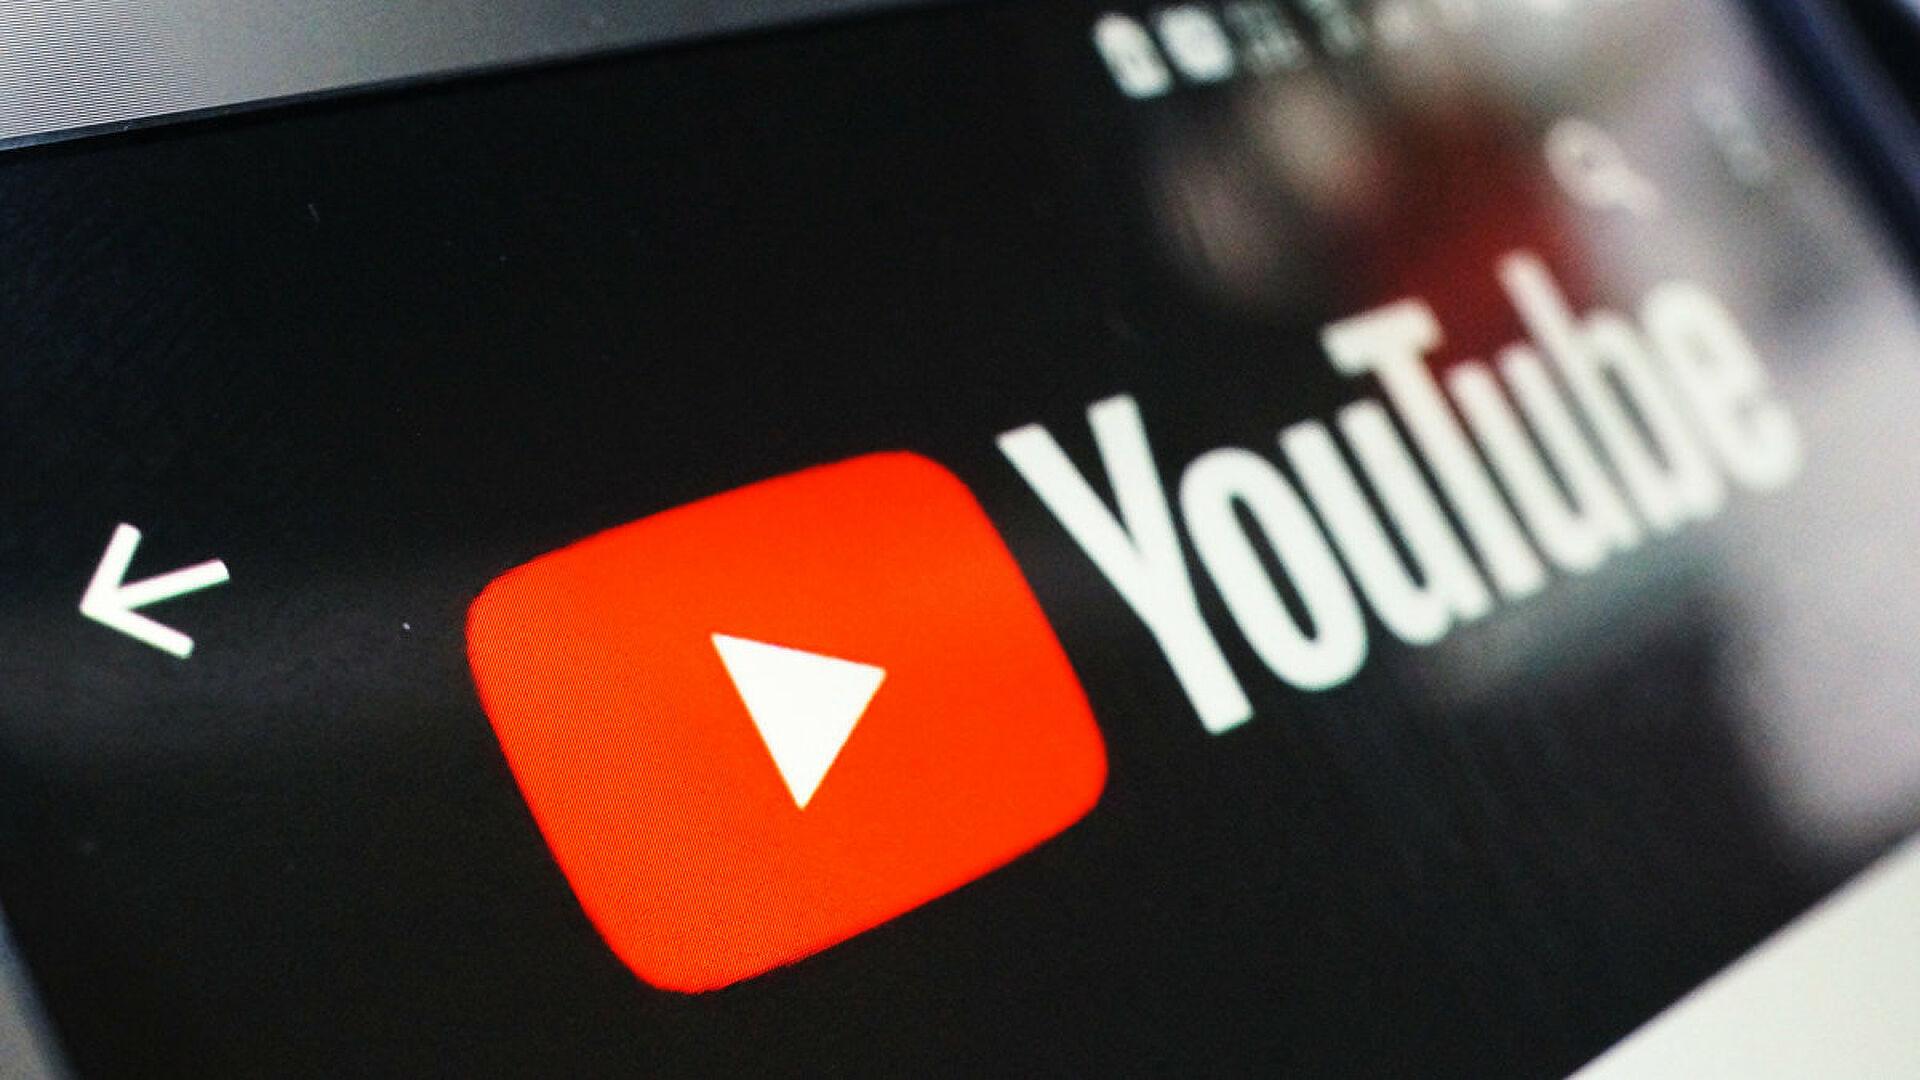 Цензура ипиратство: зачто обещали заблокировать YouTube вРоссии